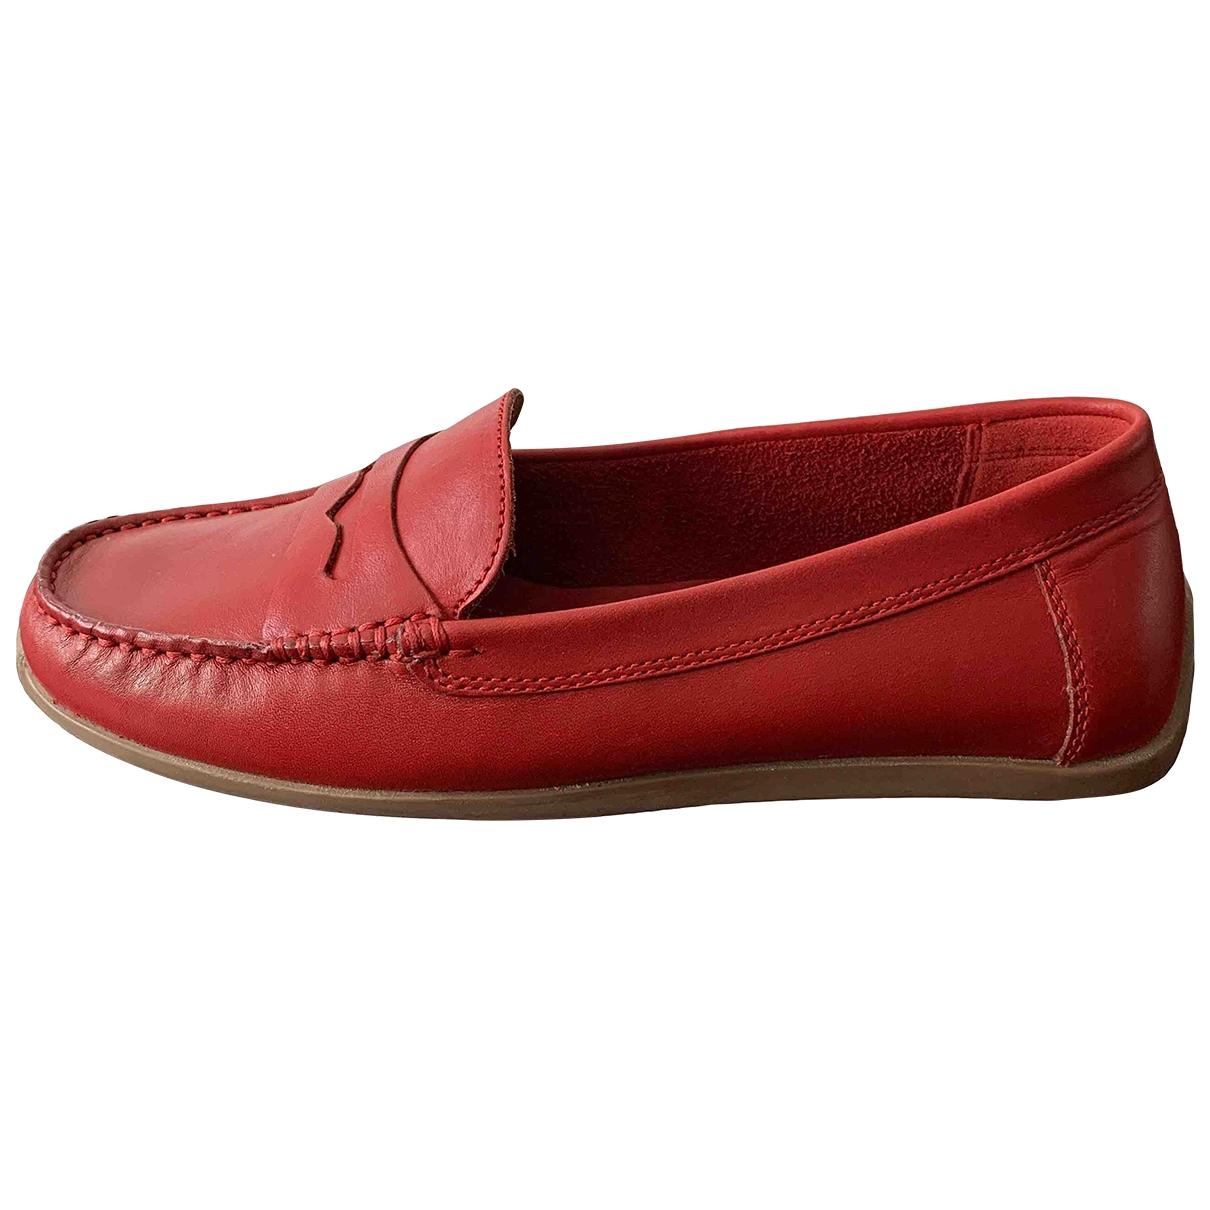 Clarks \N Mokassins in  Rot Leder